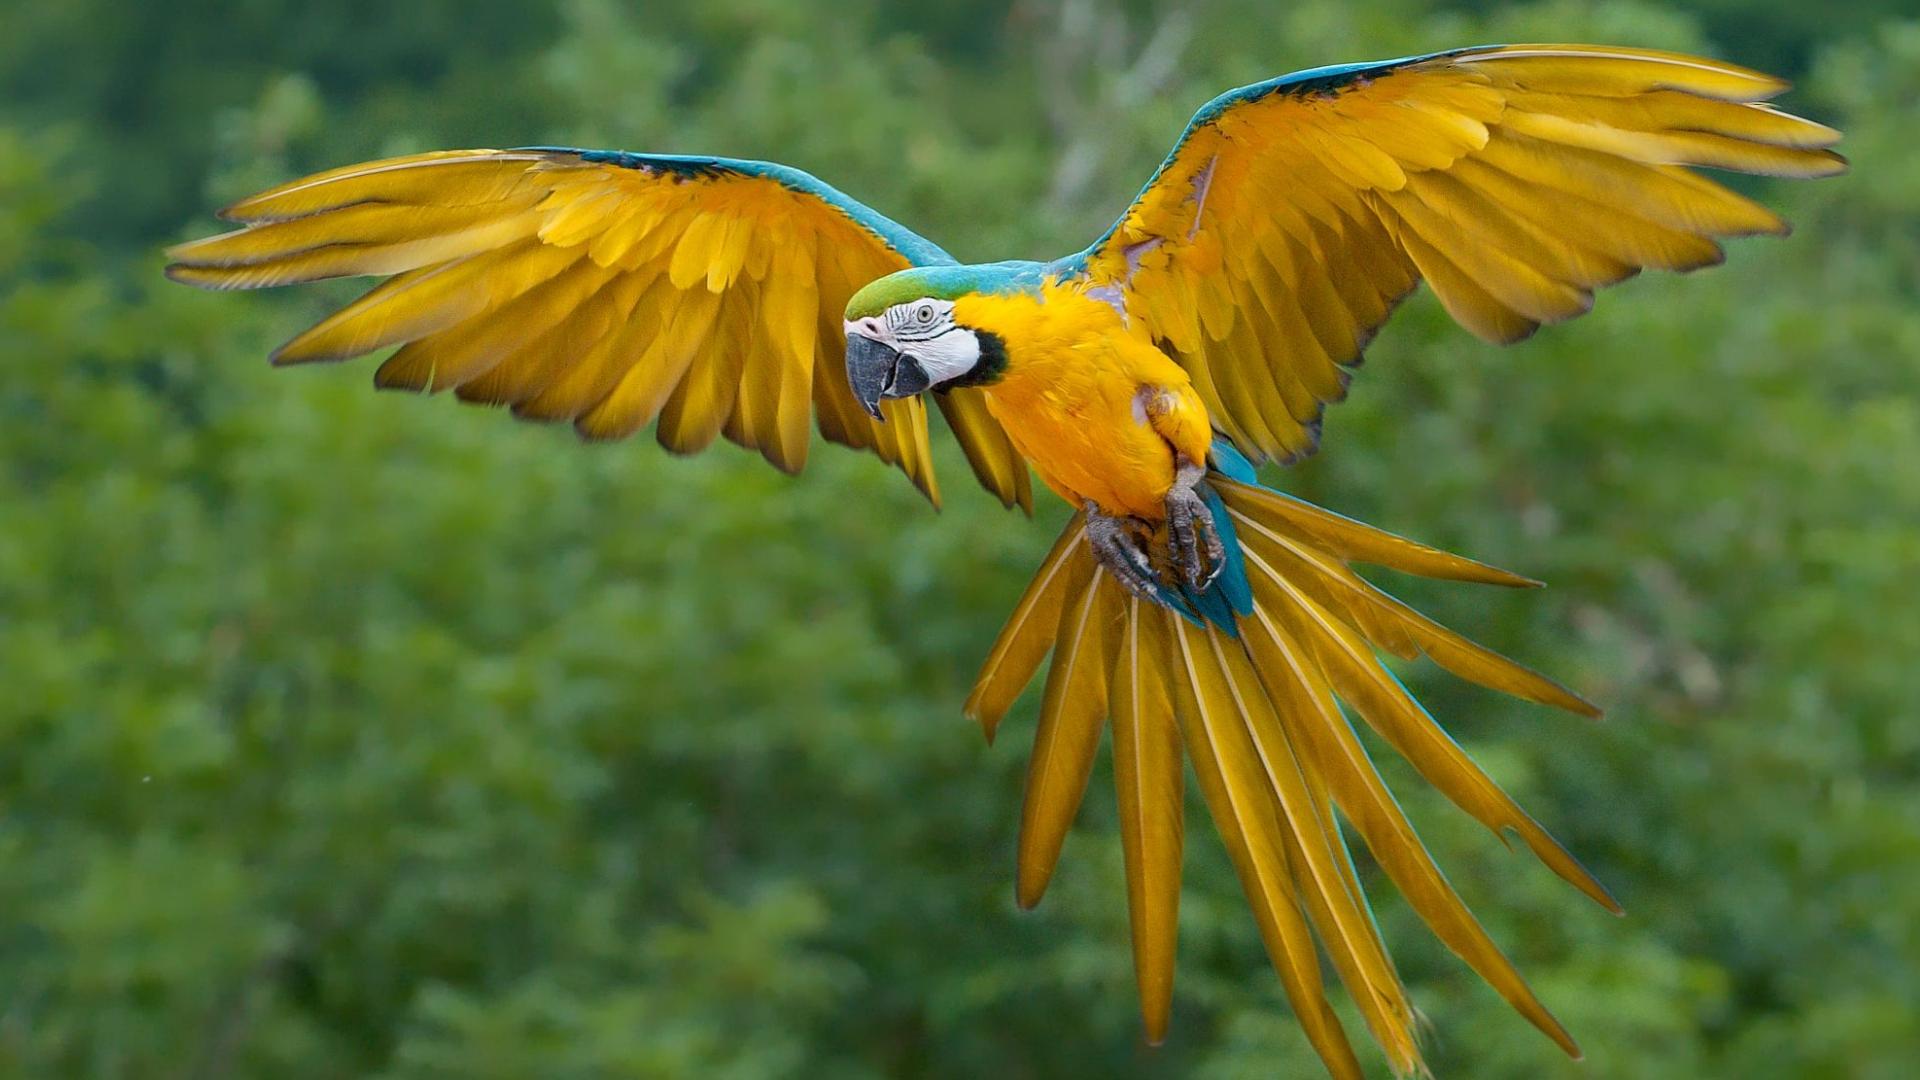 download bird desktop wallpaper which is under the birds wallpapers 1920x1080